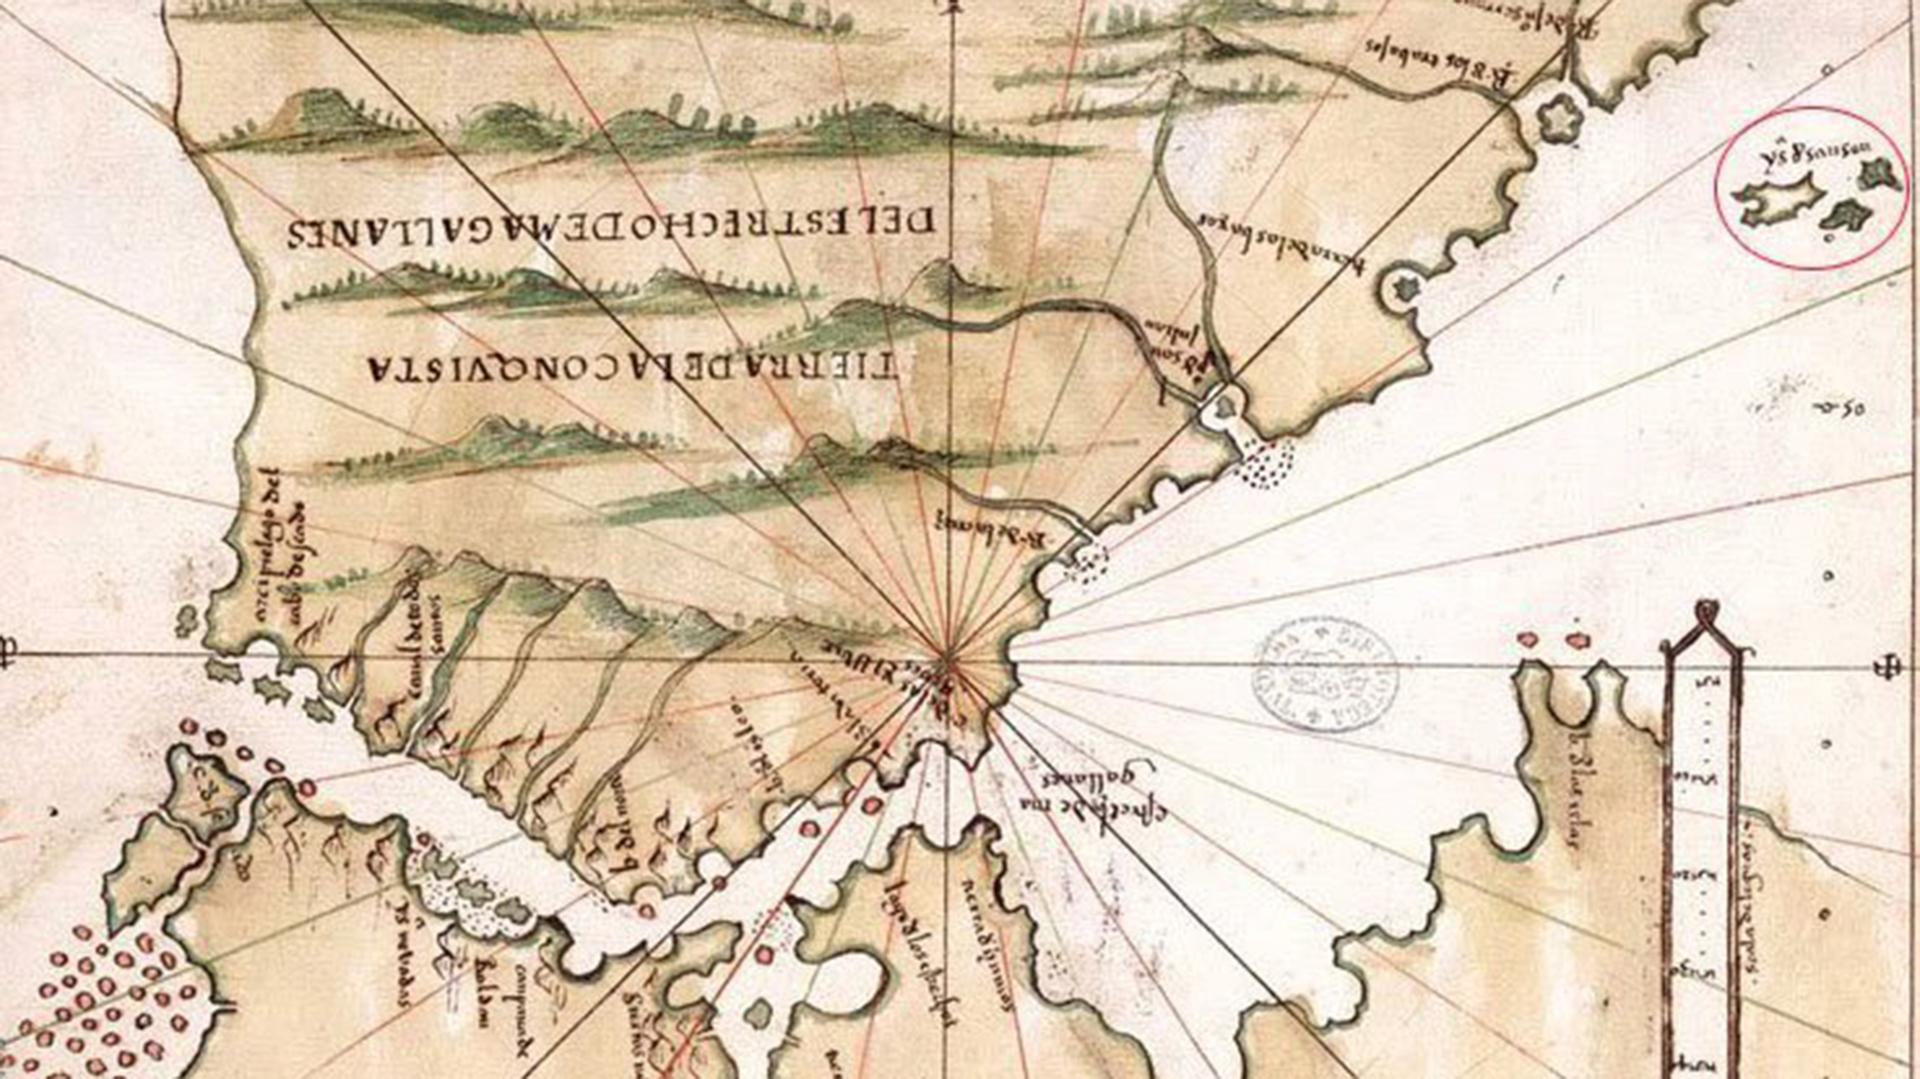 Quien Descubrio Las Islas Malvinas Infobae